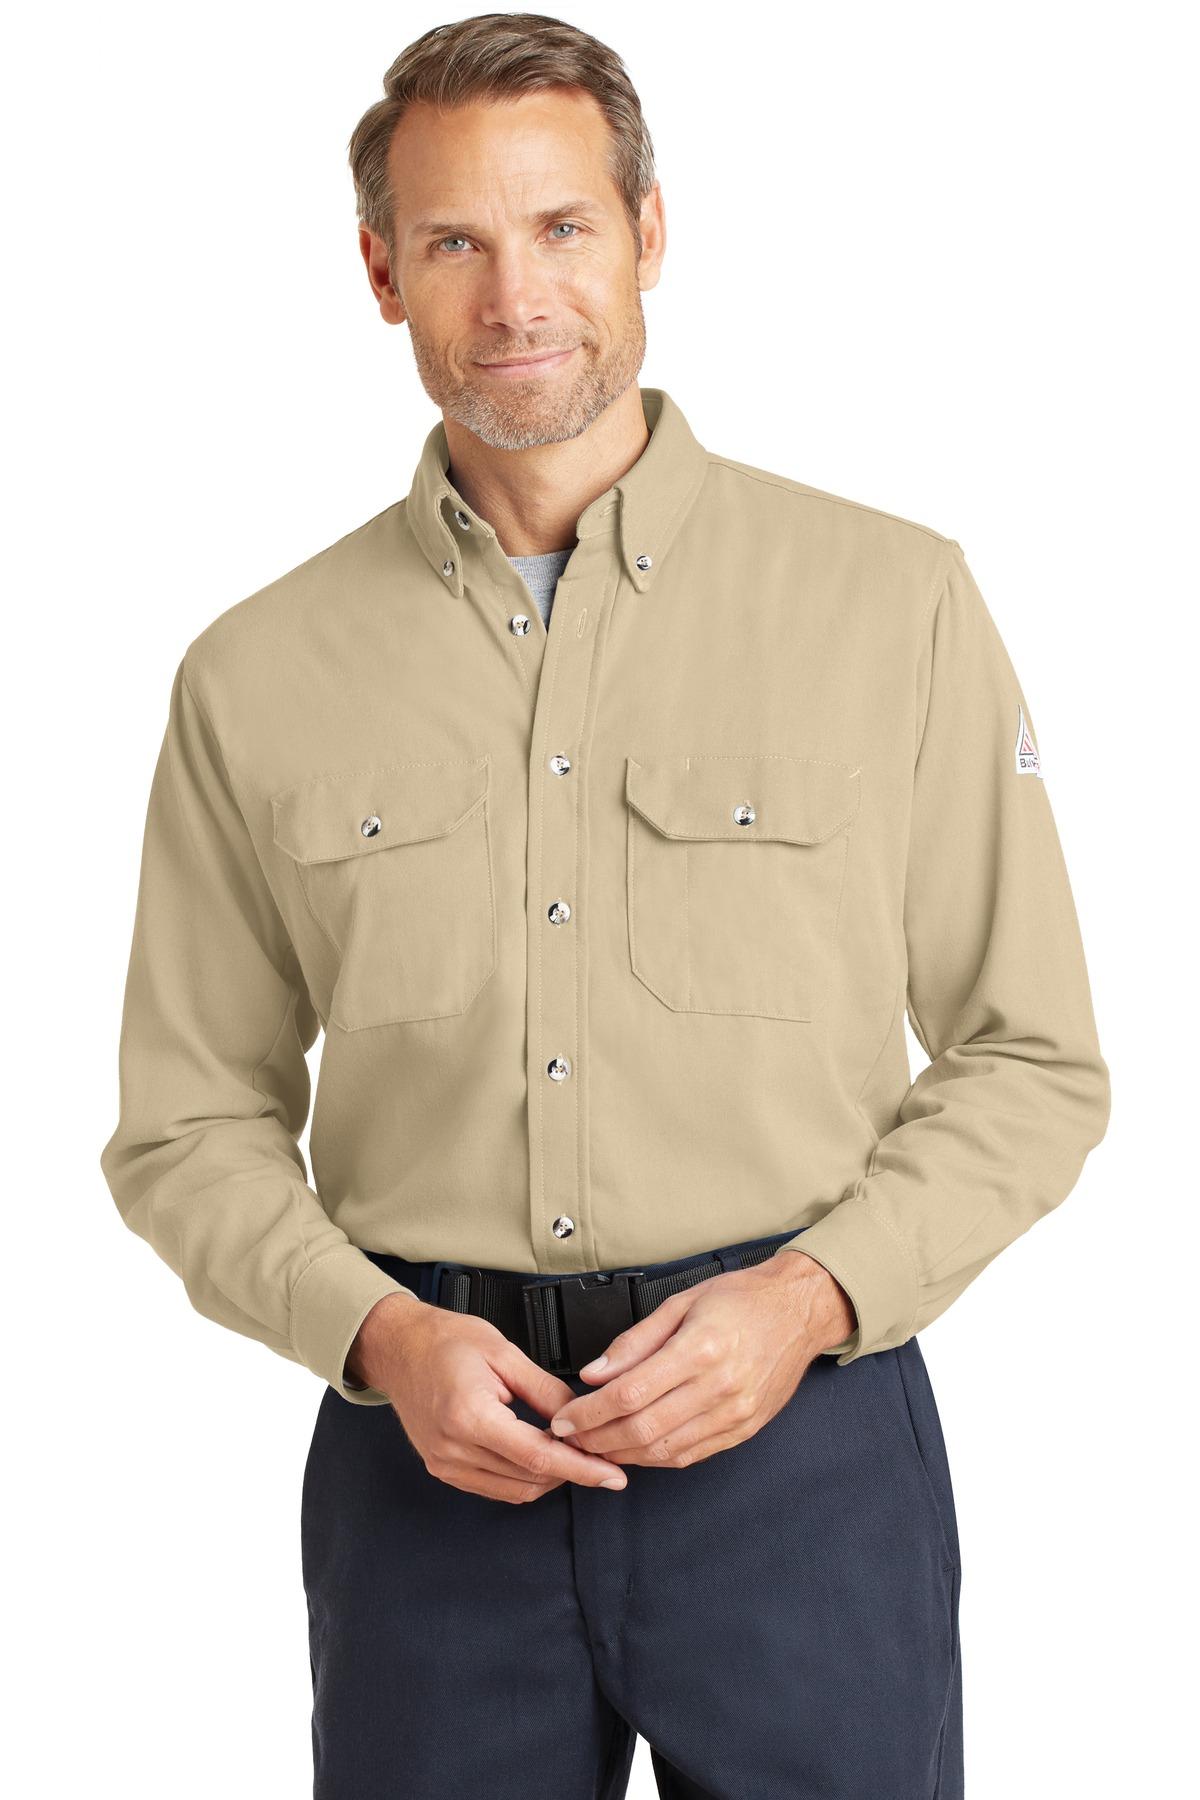 Bulwark  CoolTouch  SMU2 - 2 Dress Uniform Shirt